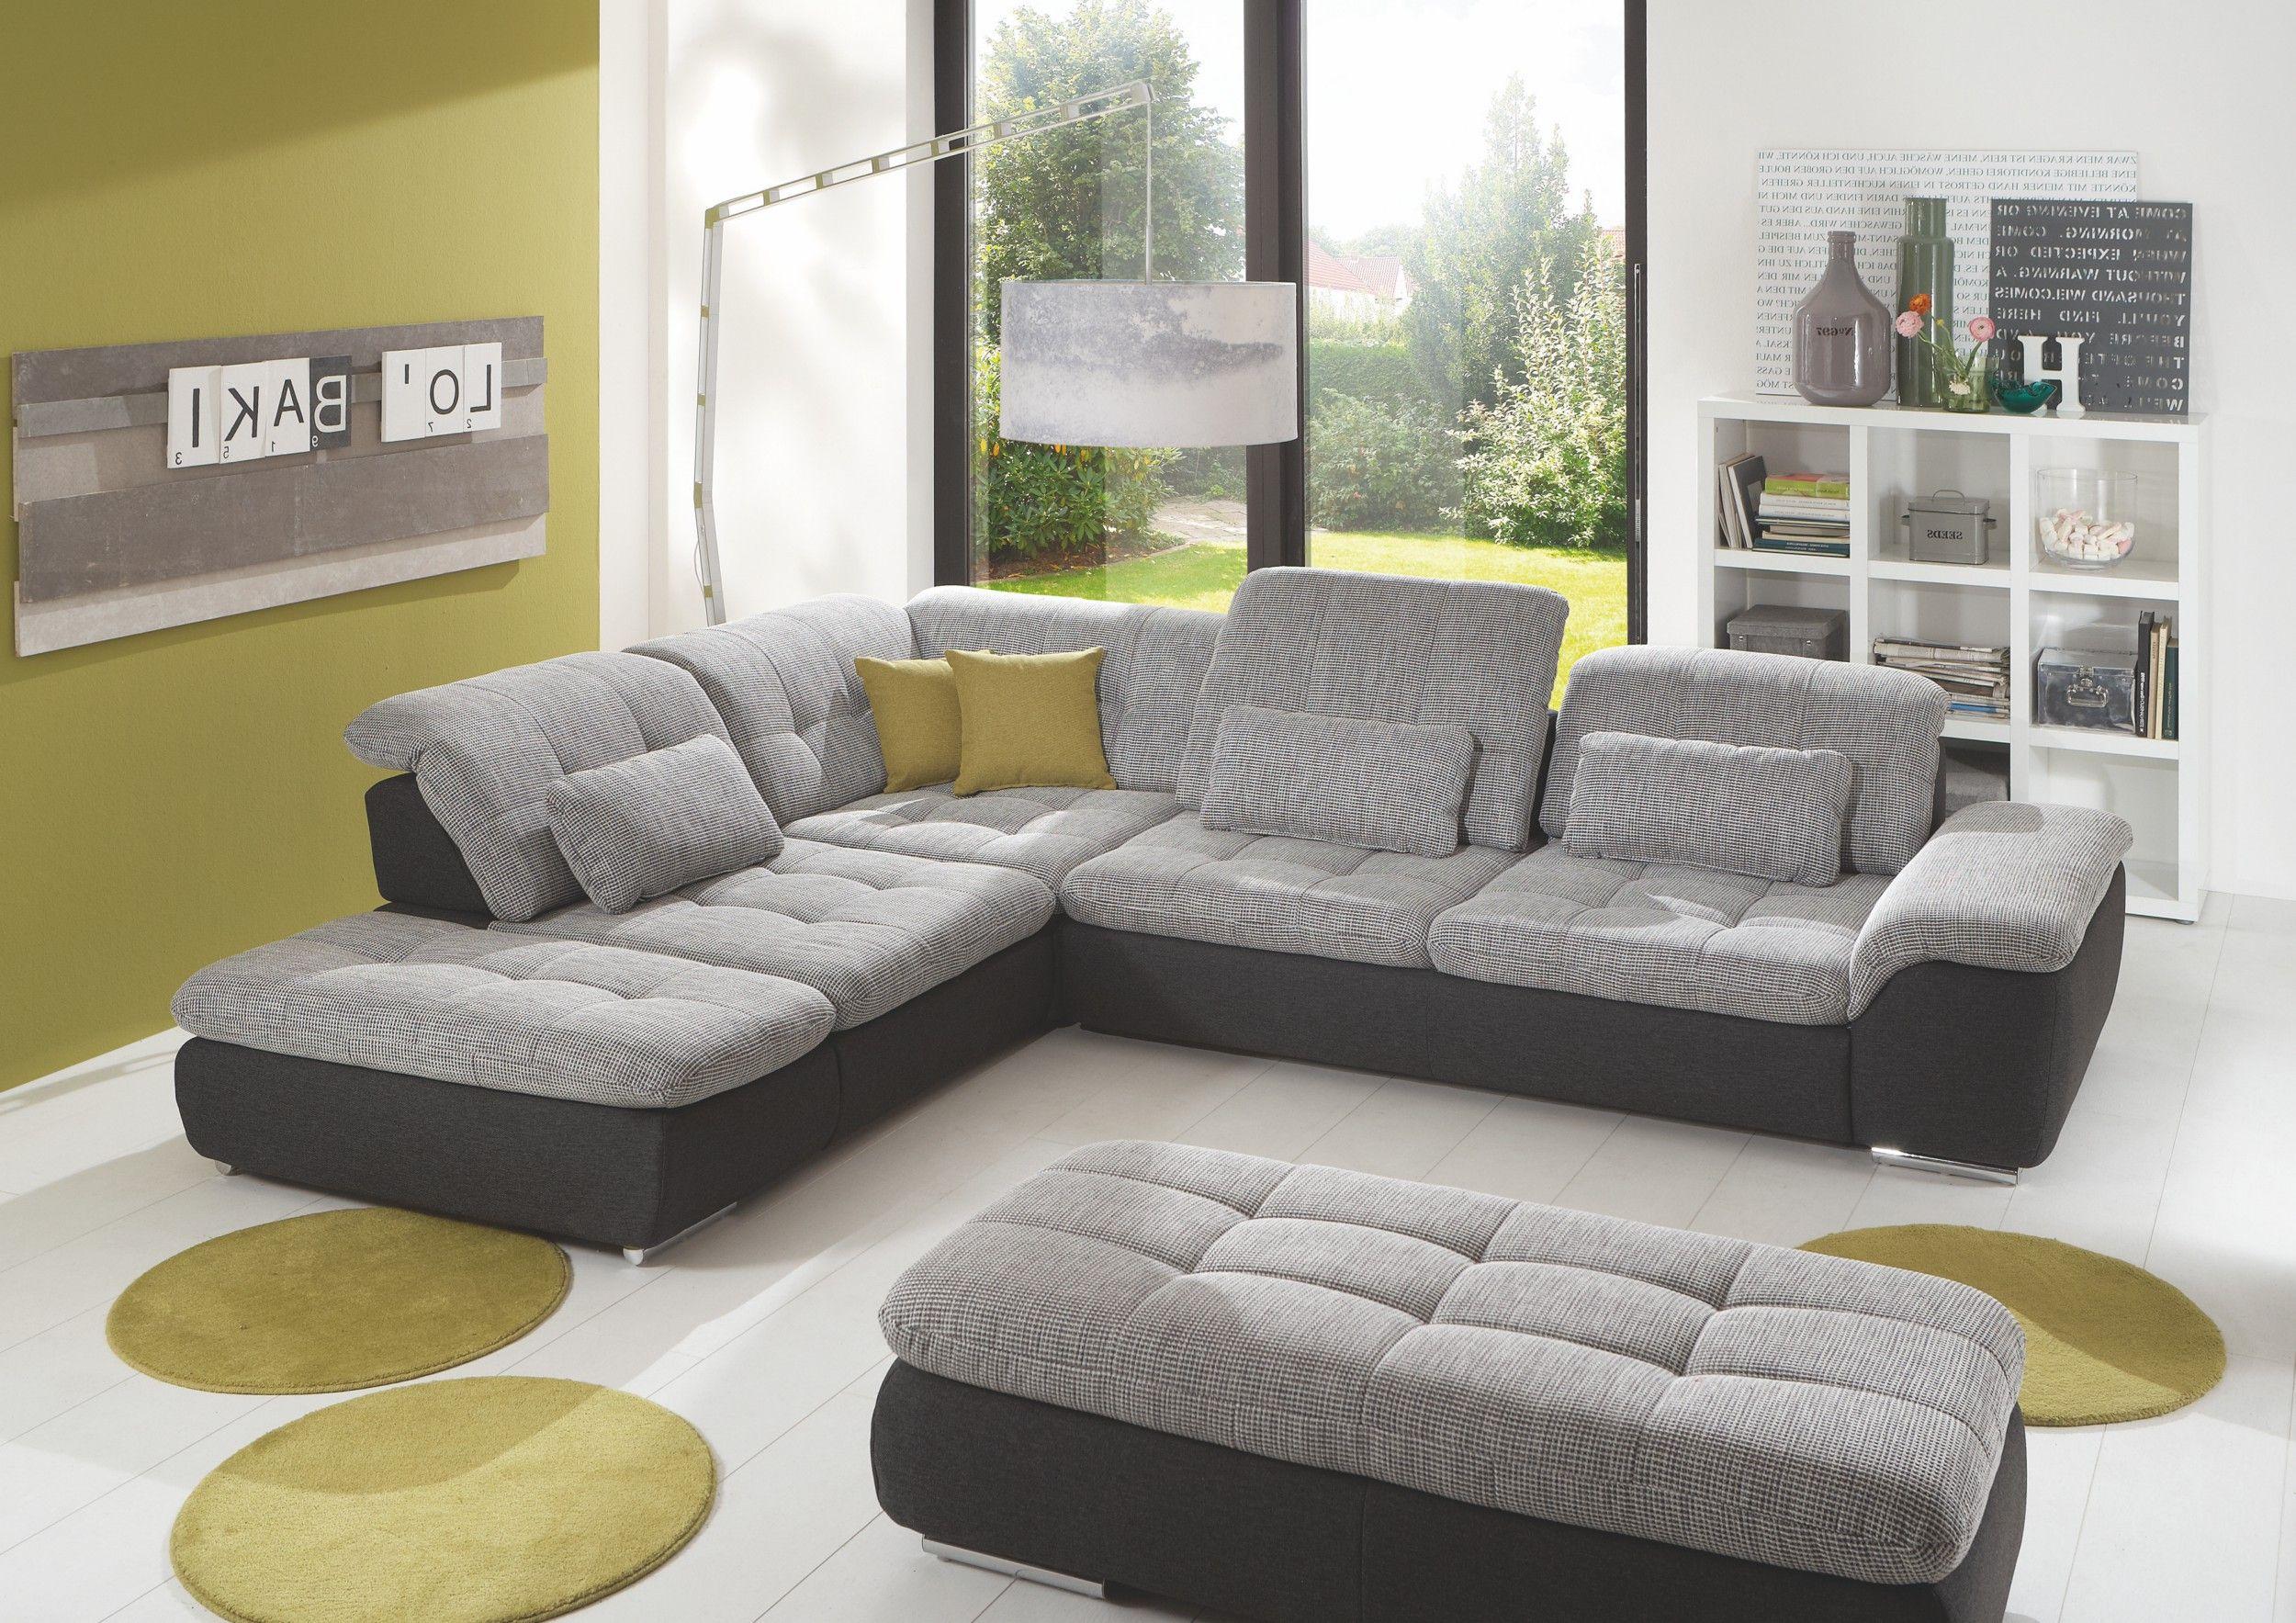 Wohnlandschaft grau  Wohnlandschaft mit Hocker Weiss Grau Woody 80-00016 | Wohnzimmer ...